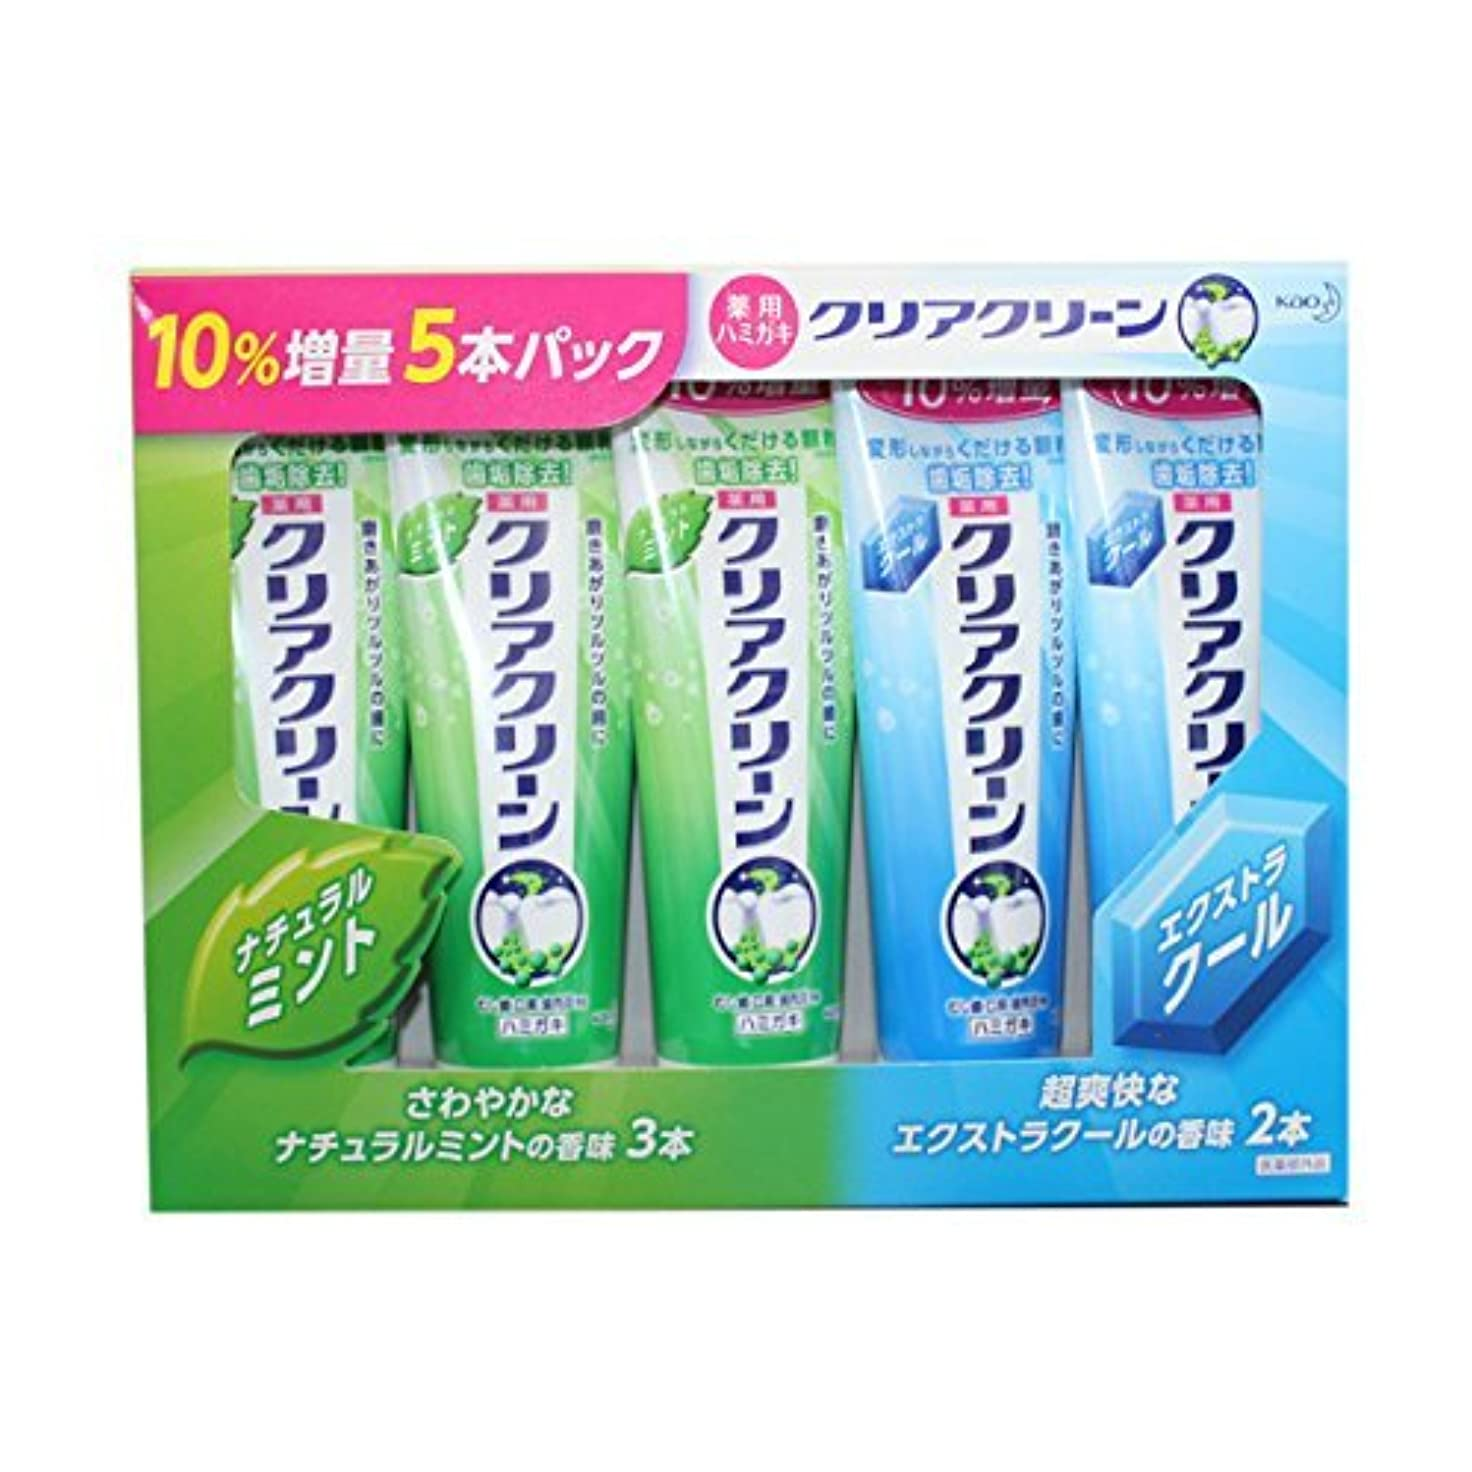 みぞれ警報却下するクリアクリーン 143gx5本セット(ナチュラルミントx3/エクストラクールx2) 10%増量セット 歯磨き粉